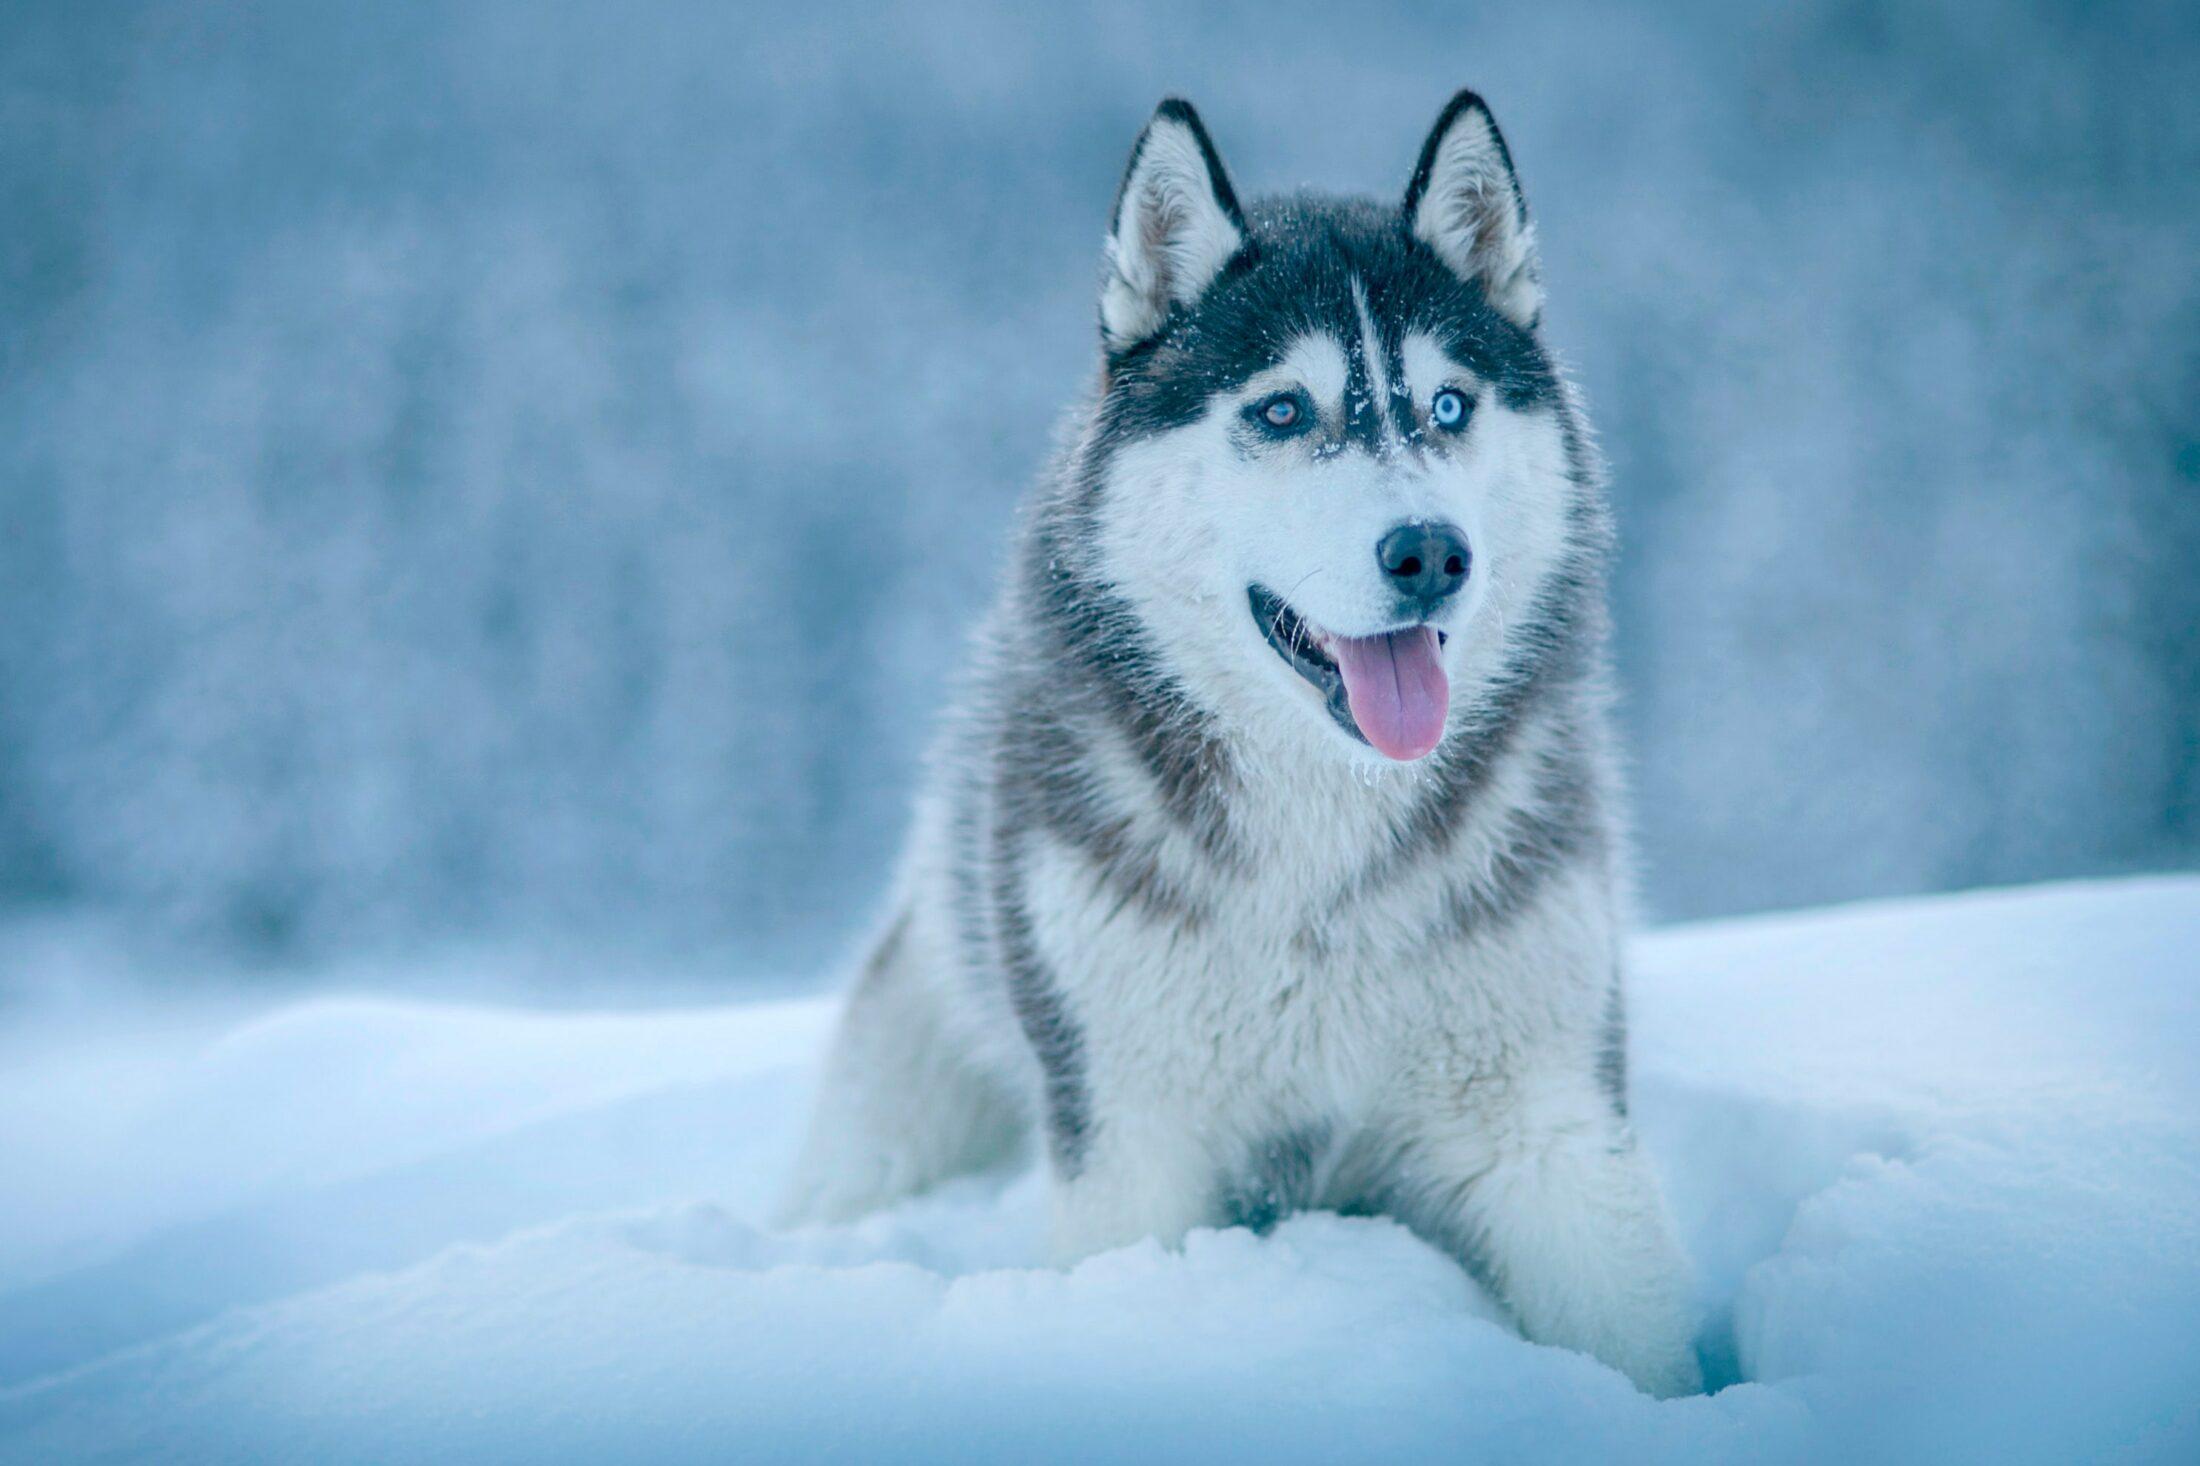 cachorro ocm olho azul - husky siberiano